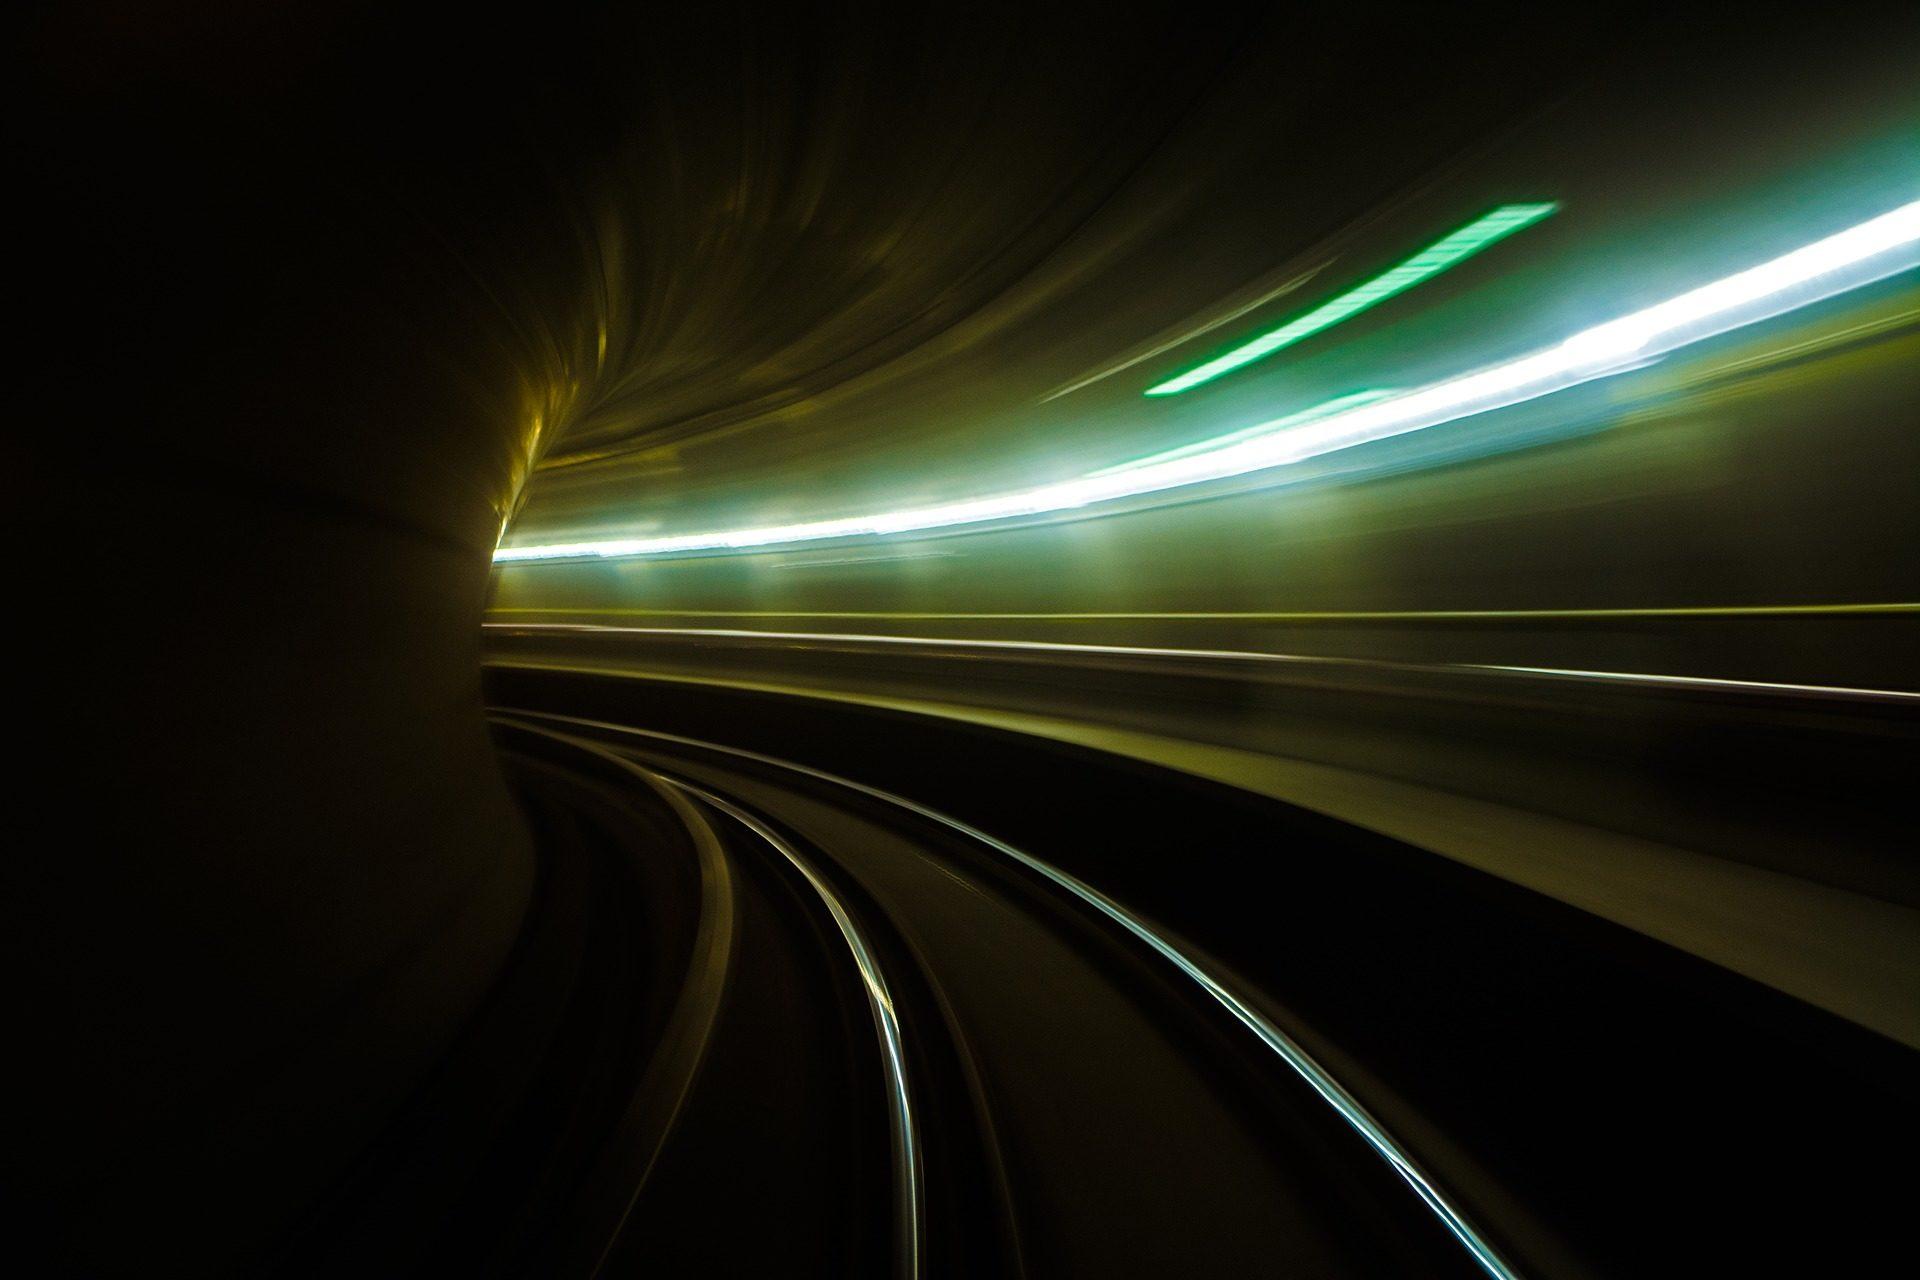 Tunel, Метро, через, фары, скорость, Кривая - Обои HD - Профессор falken.com